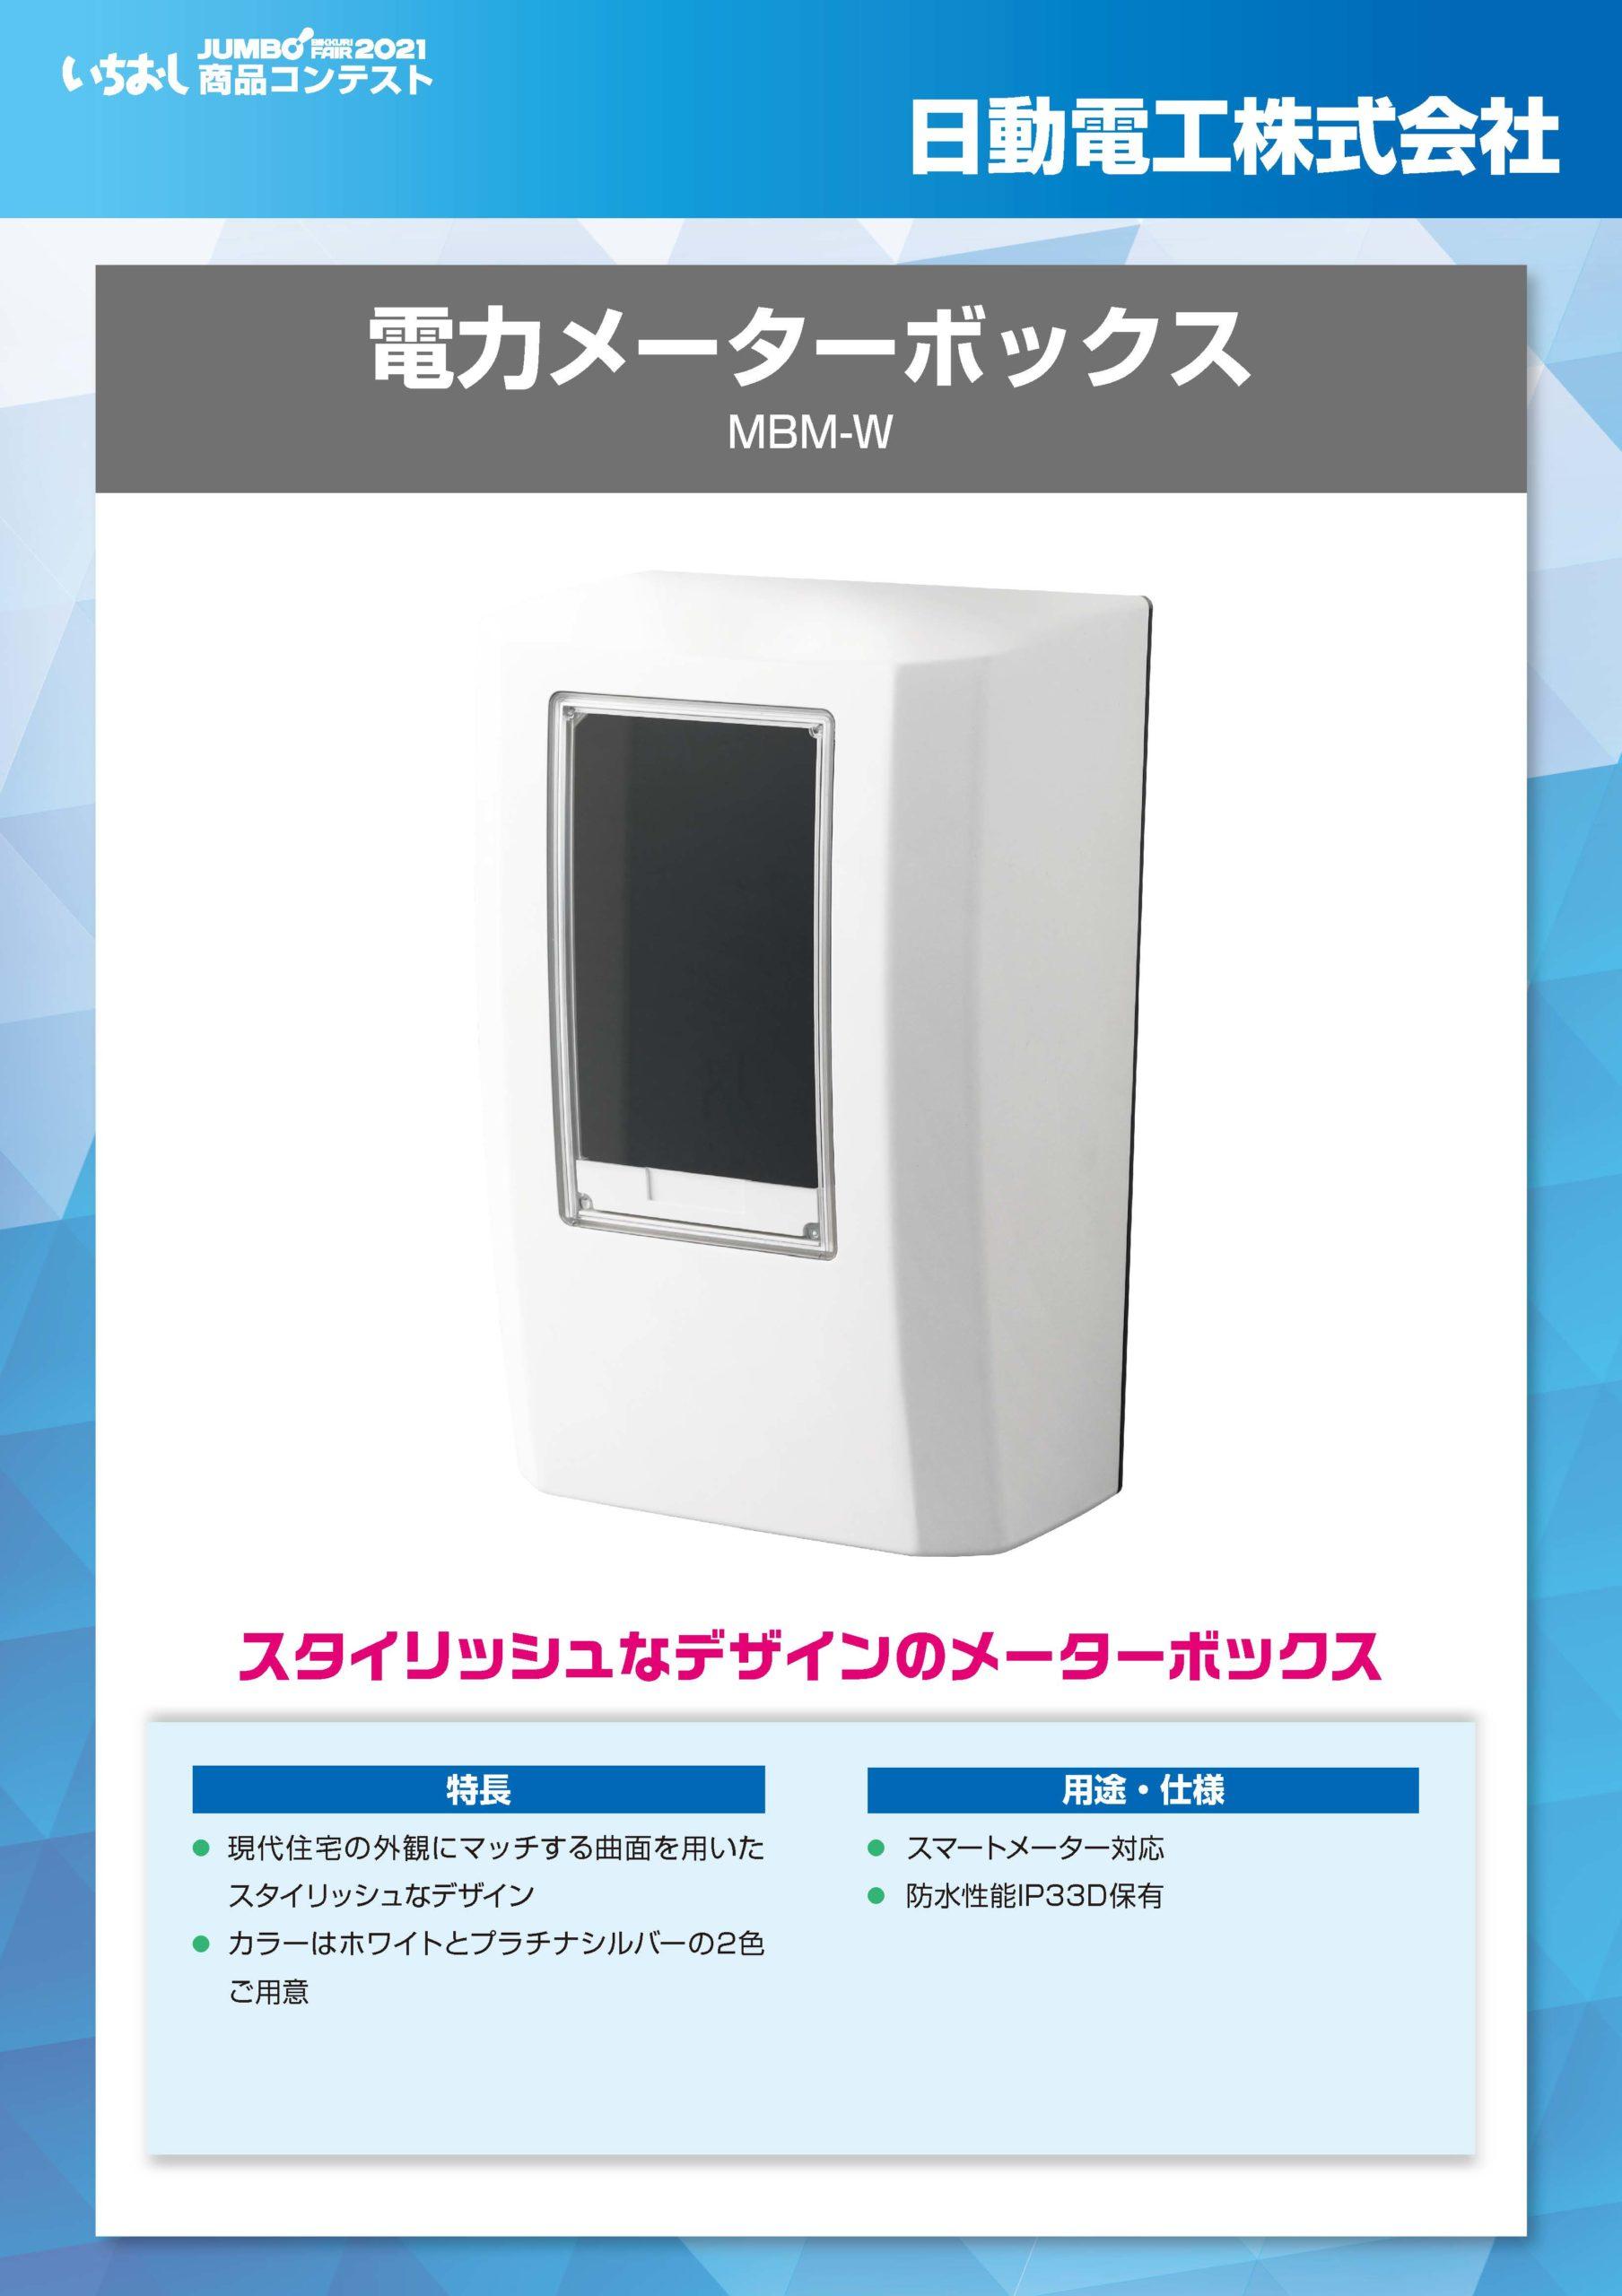 「電力メーターボックス」日動電工株式会社の画像